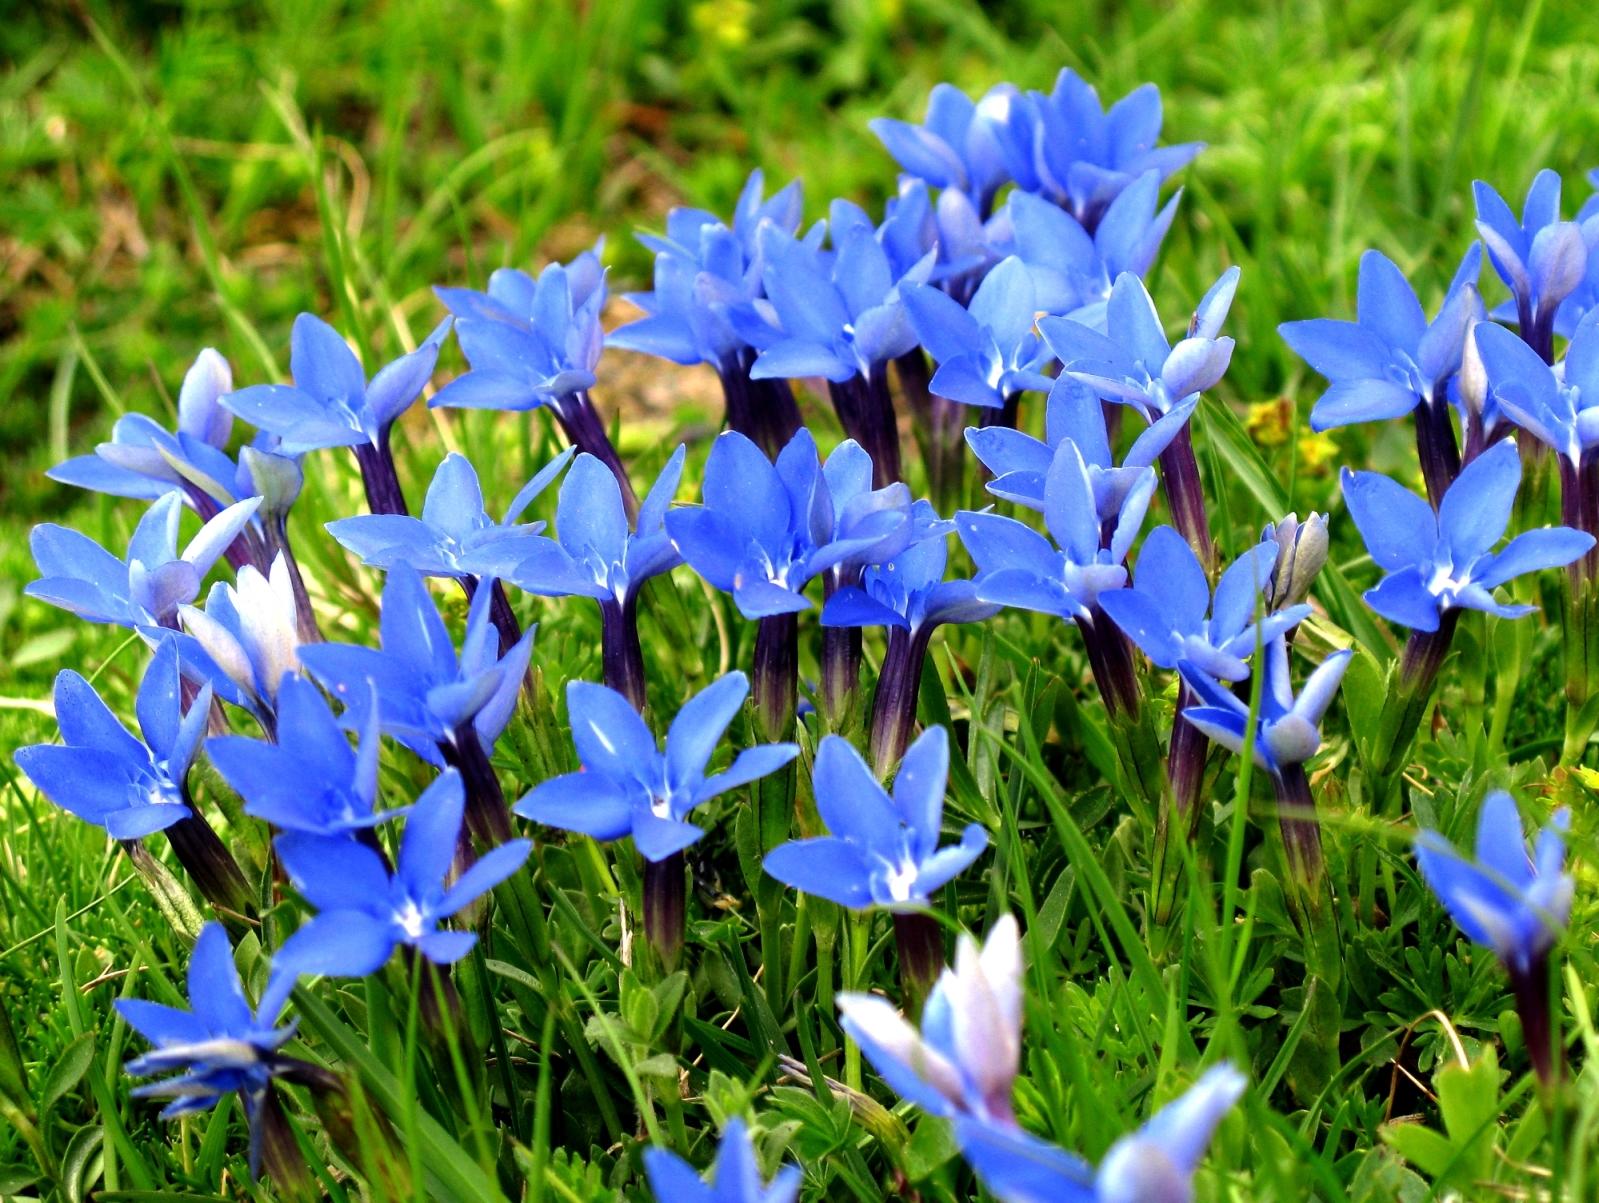 アルプスを彩るたくさんの花々を楽しむ